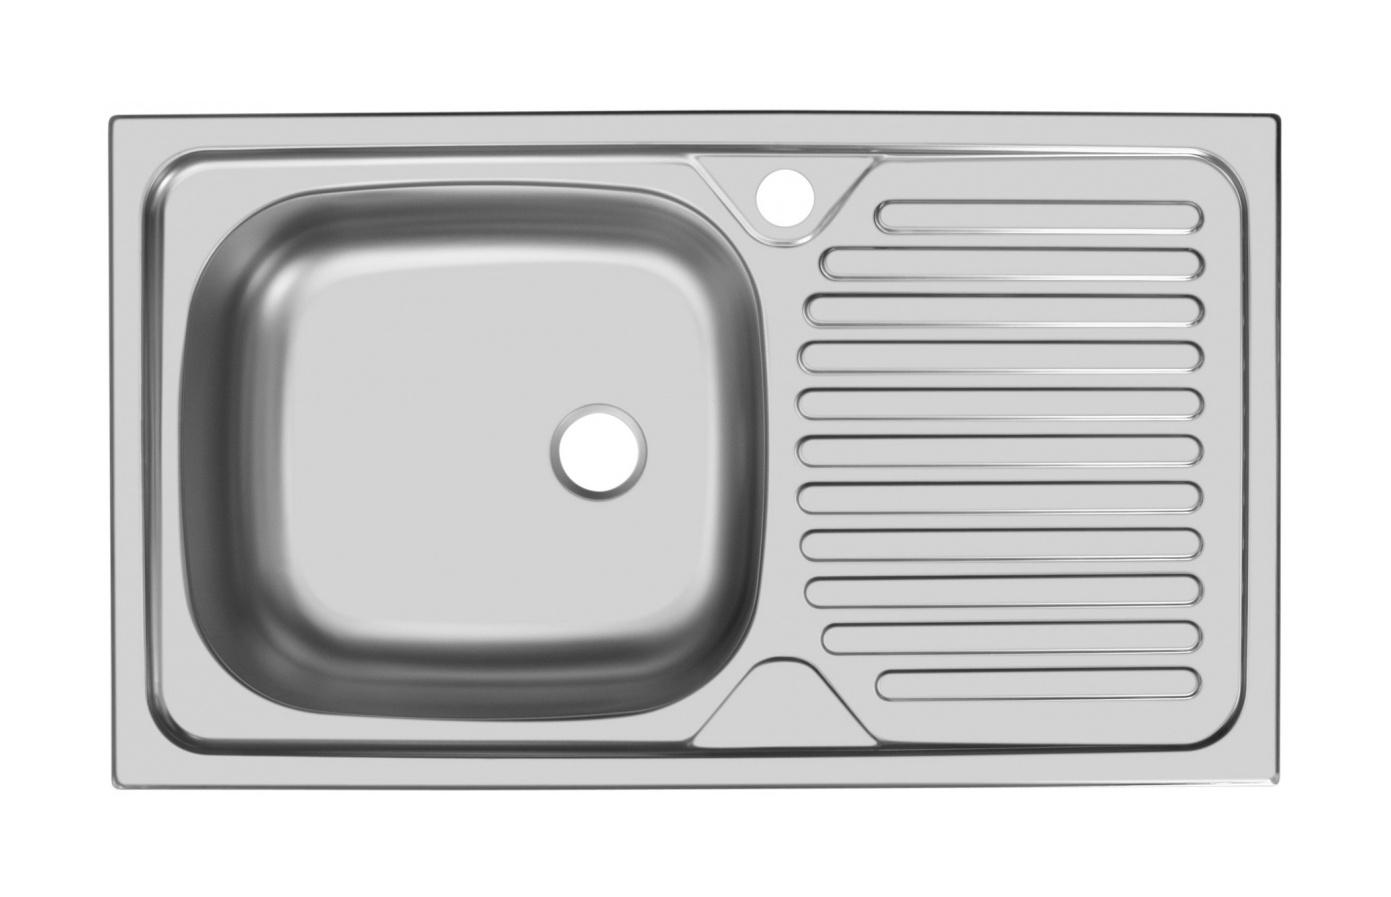 Прямоугольная врезная мойка с длинным крылом 108-74188